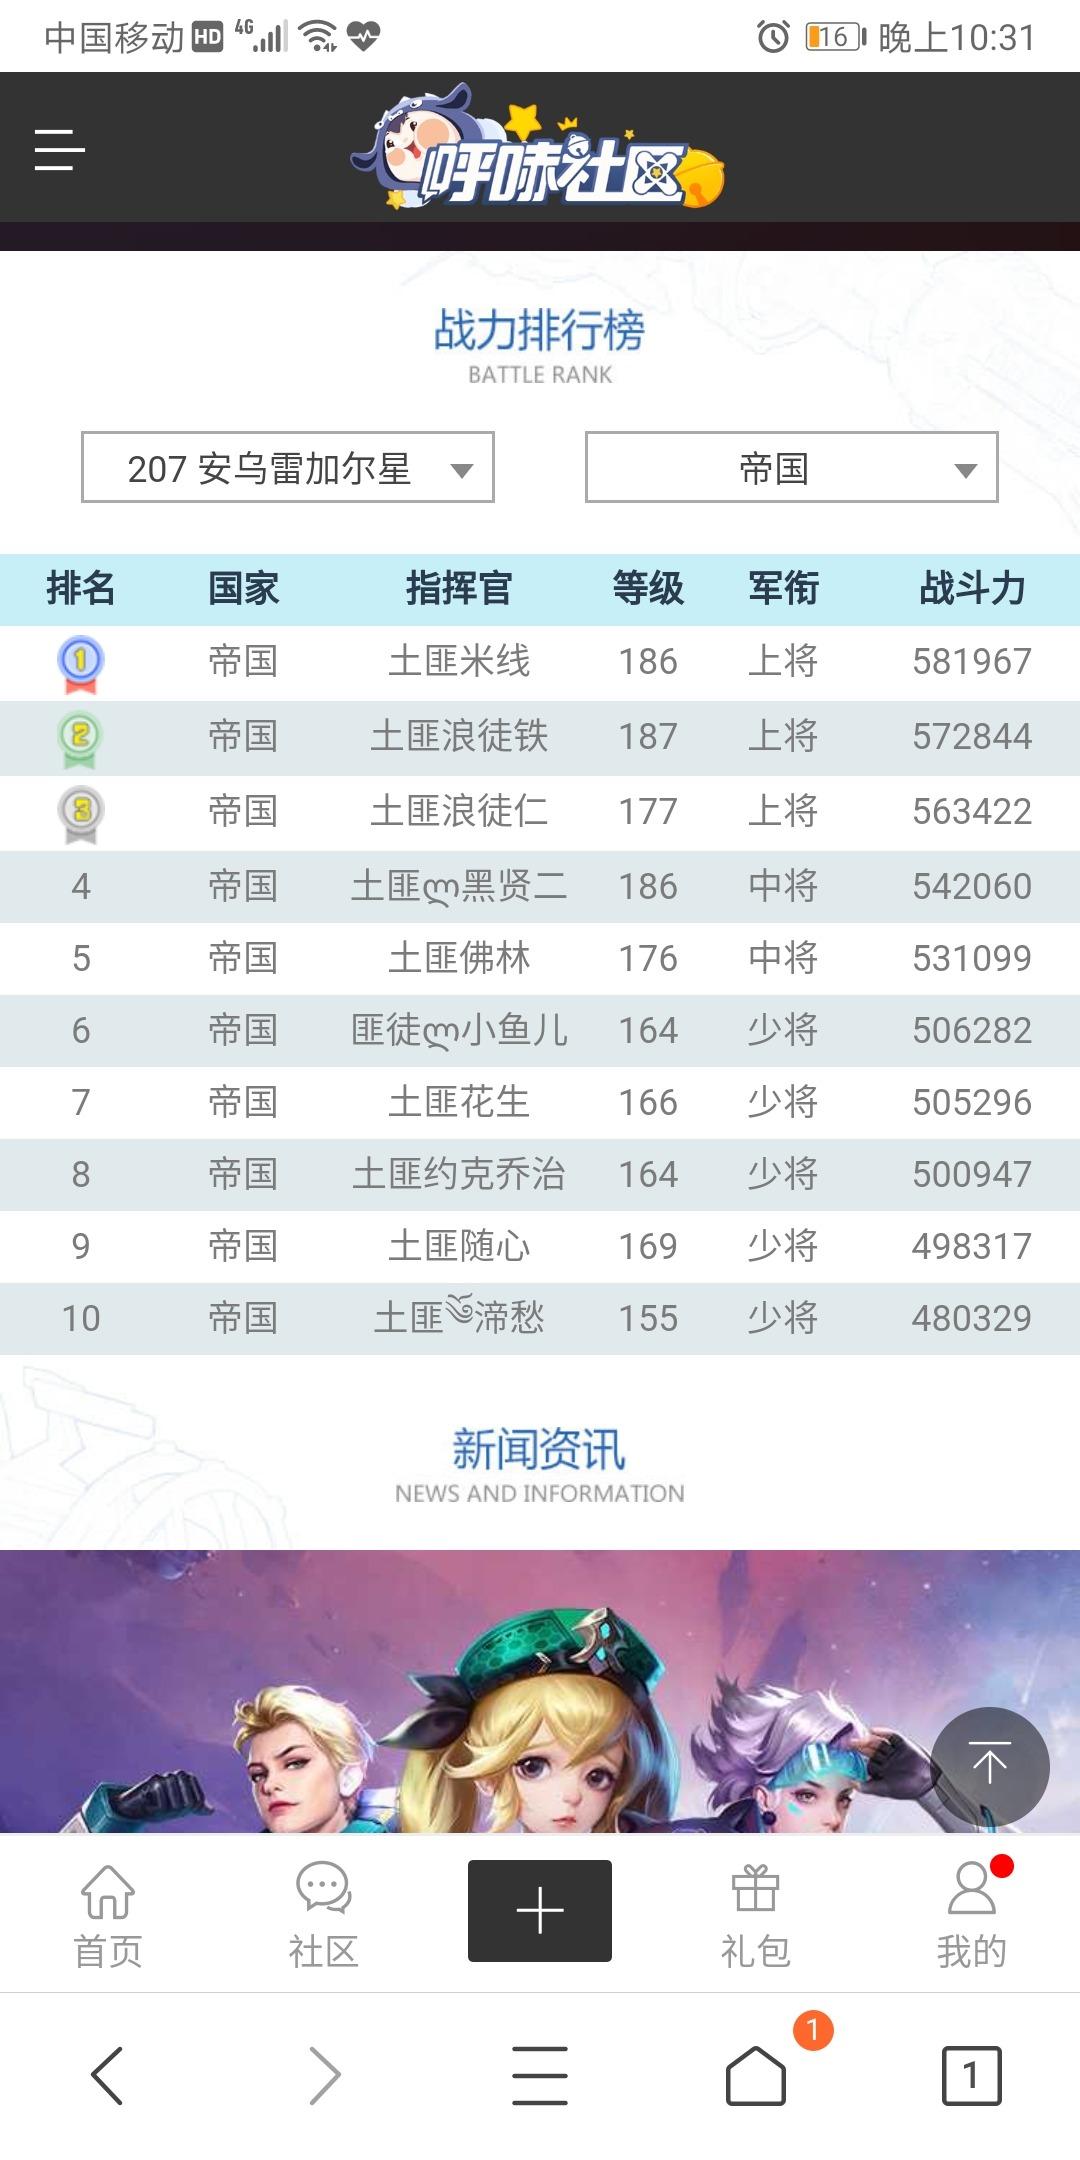 Screenshot_20210610_223104_com.tencent.mtt.jpg